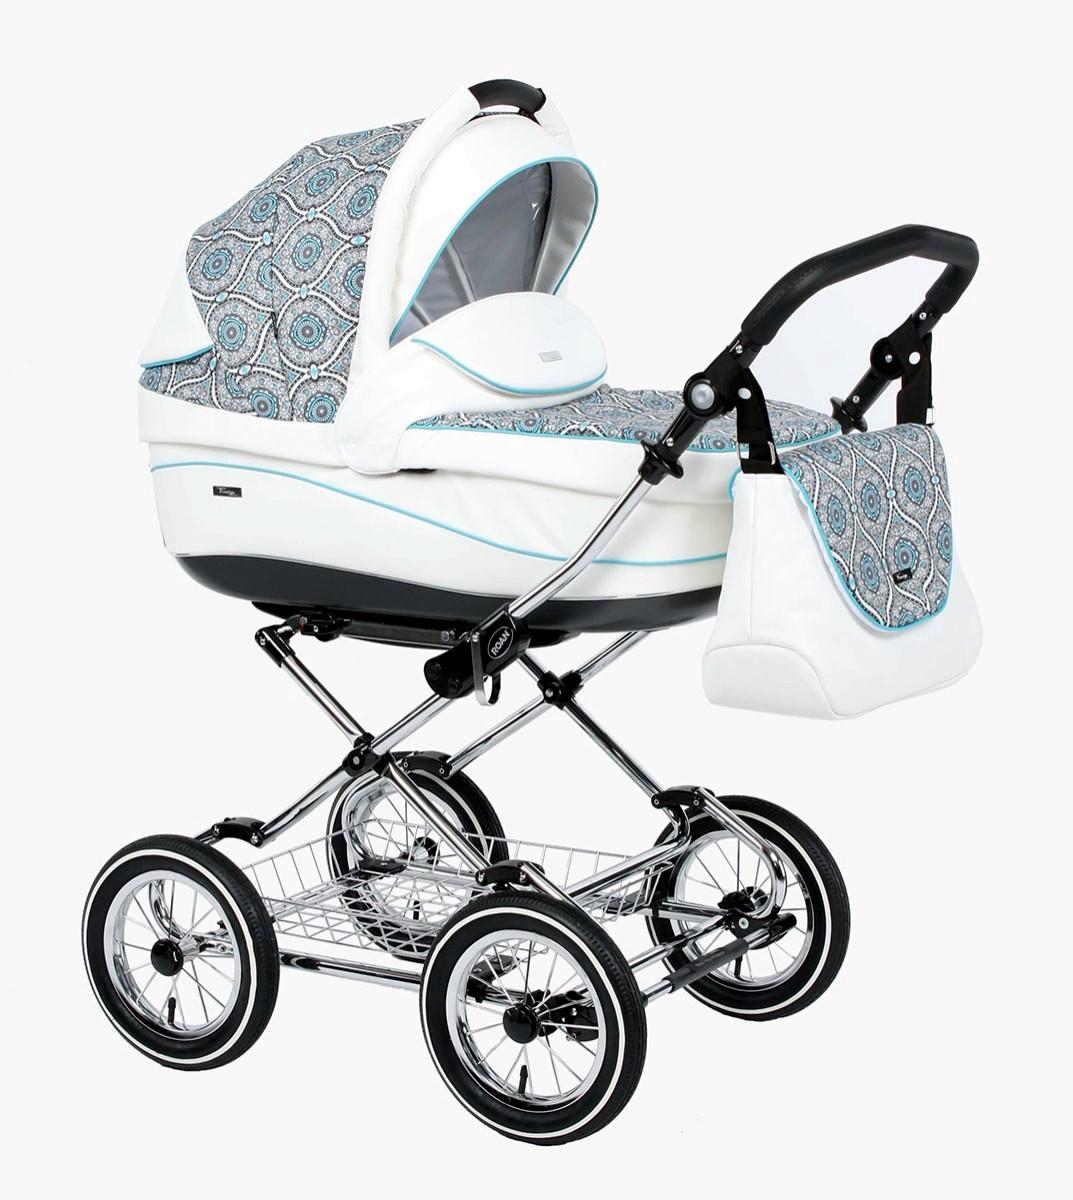 Детская коляска для новорожденных 3 в 1, Roan Emma - Роан Эмма, самая модная коляска для новорожденных, модные коляски, купить коляску для новорожденного, детские коляски роан, детские коляски roan, Roan Emma, цвет RP20W2